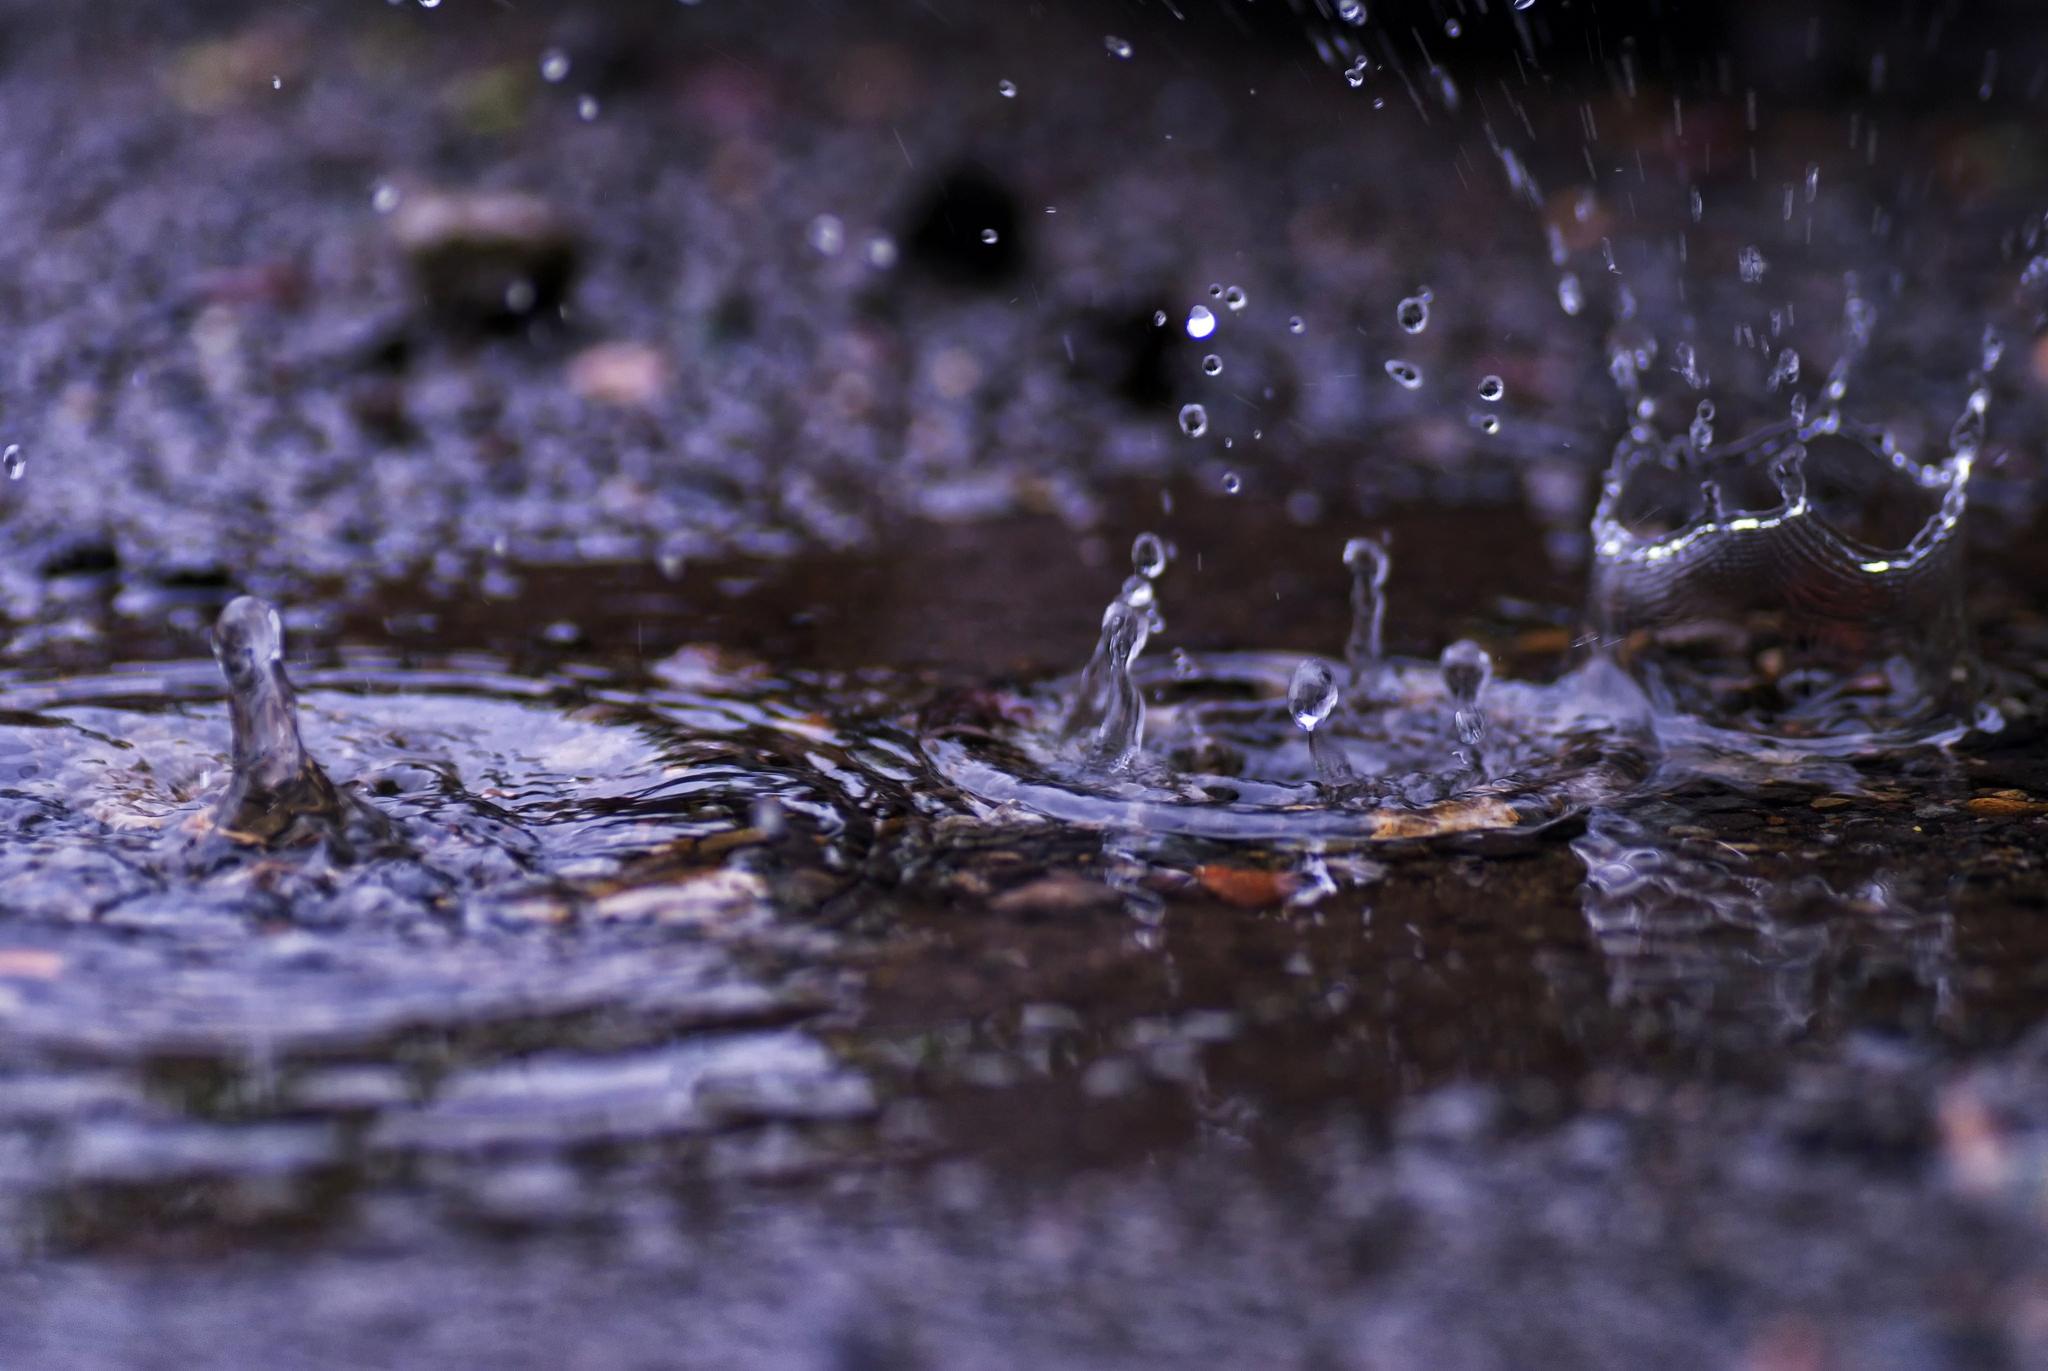 parīt līs lietus jeb ..  sargājot valodas tautastērpu